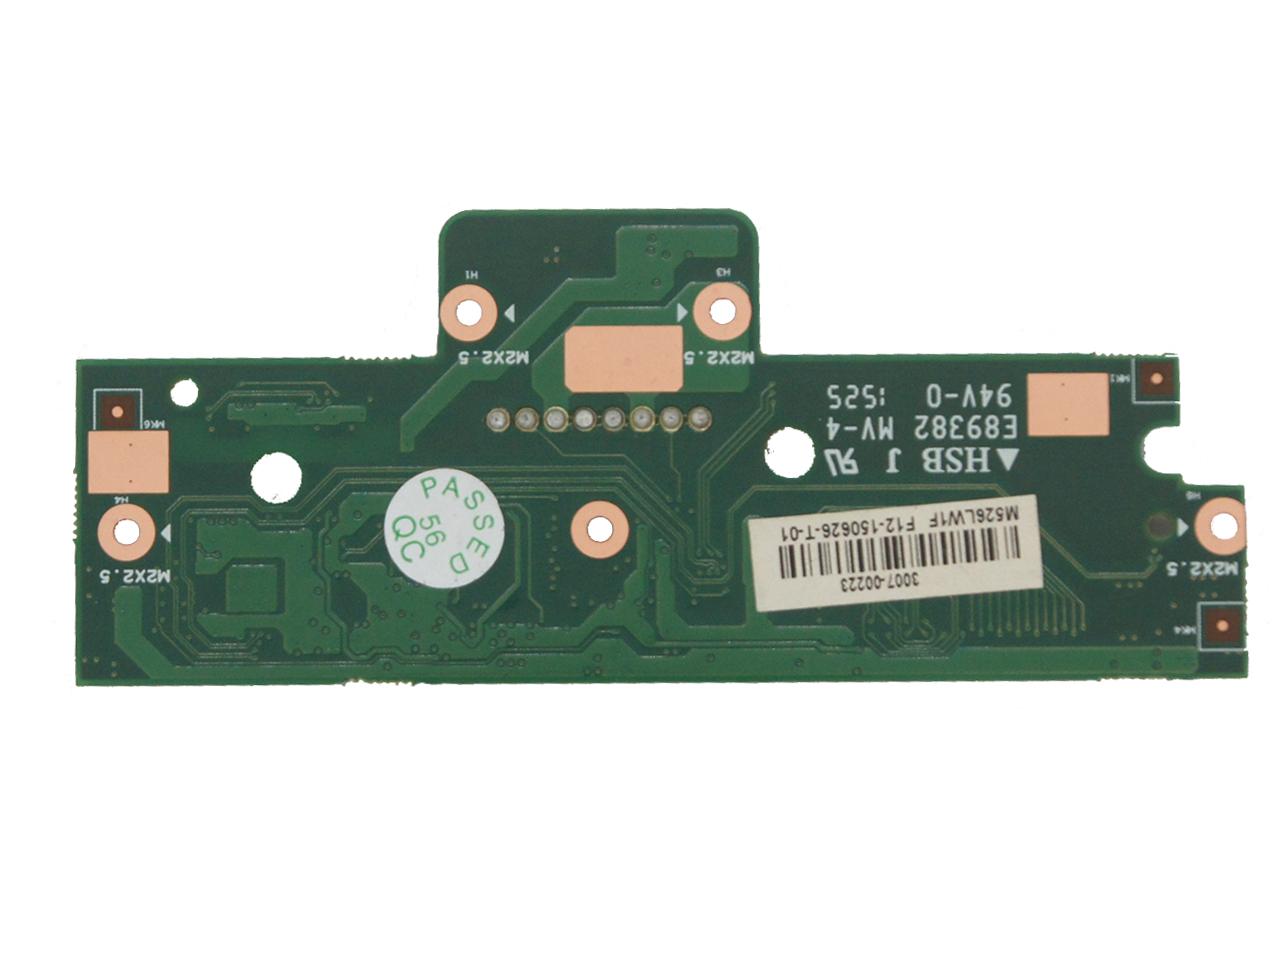 修复联想Lenovo miix 3-1030 磁吸底座键盘 不充电 不认键盘 接触不良 替换接口小板Dock usb board SMSC USX2064AEZG BH5418E V1.4